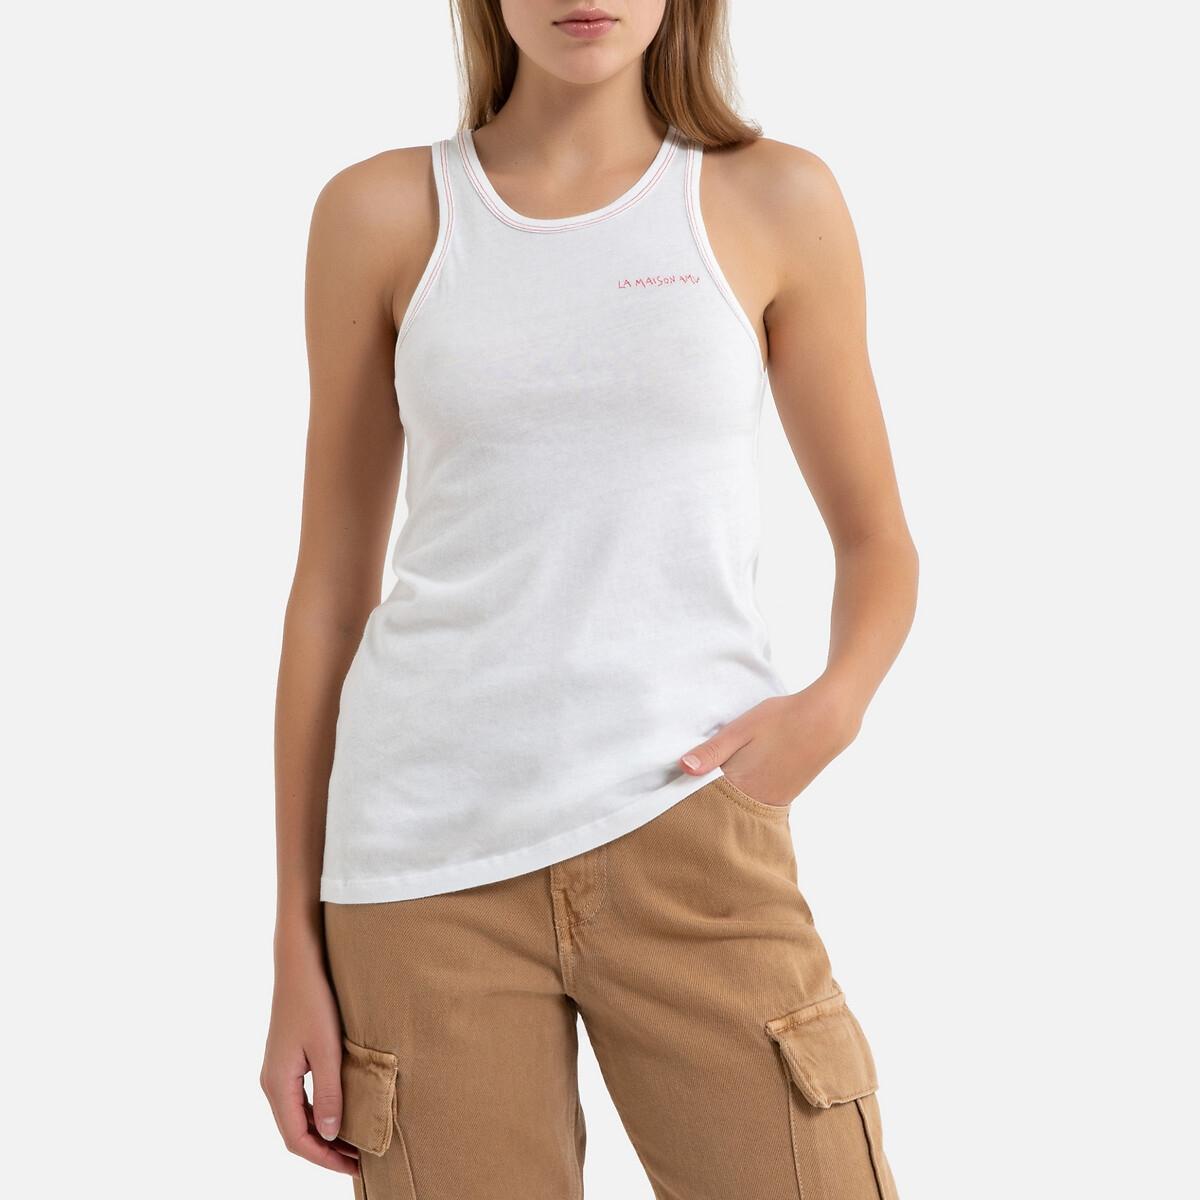 Топ La Redoute С круглым вырезом без рукавов BIPCAT S белый свитшот la redoute с круглым вырезом и вышивкой s черный